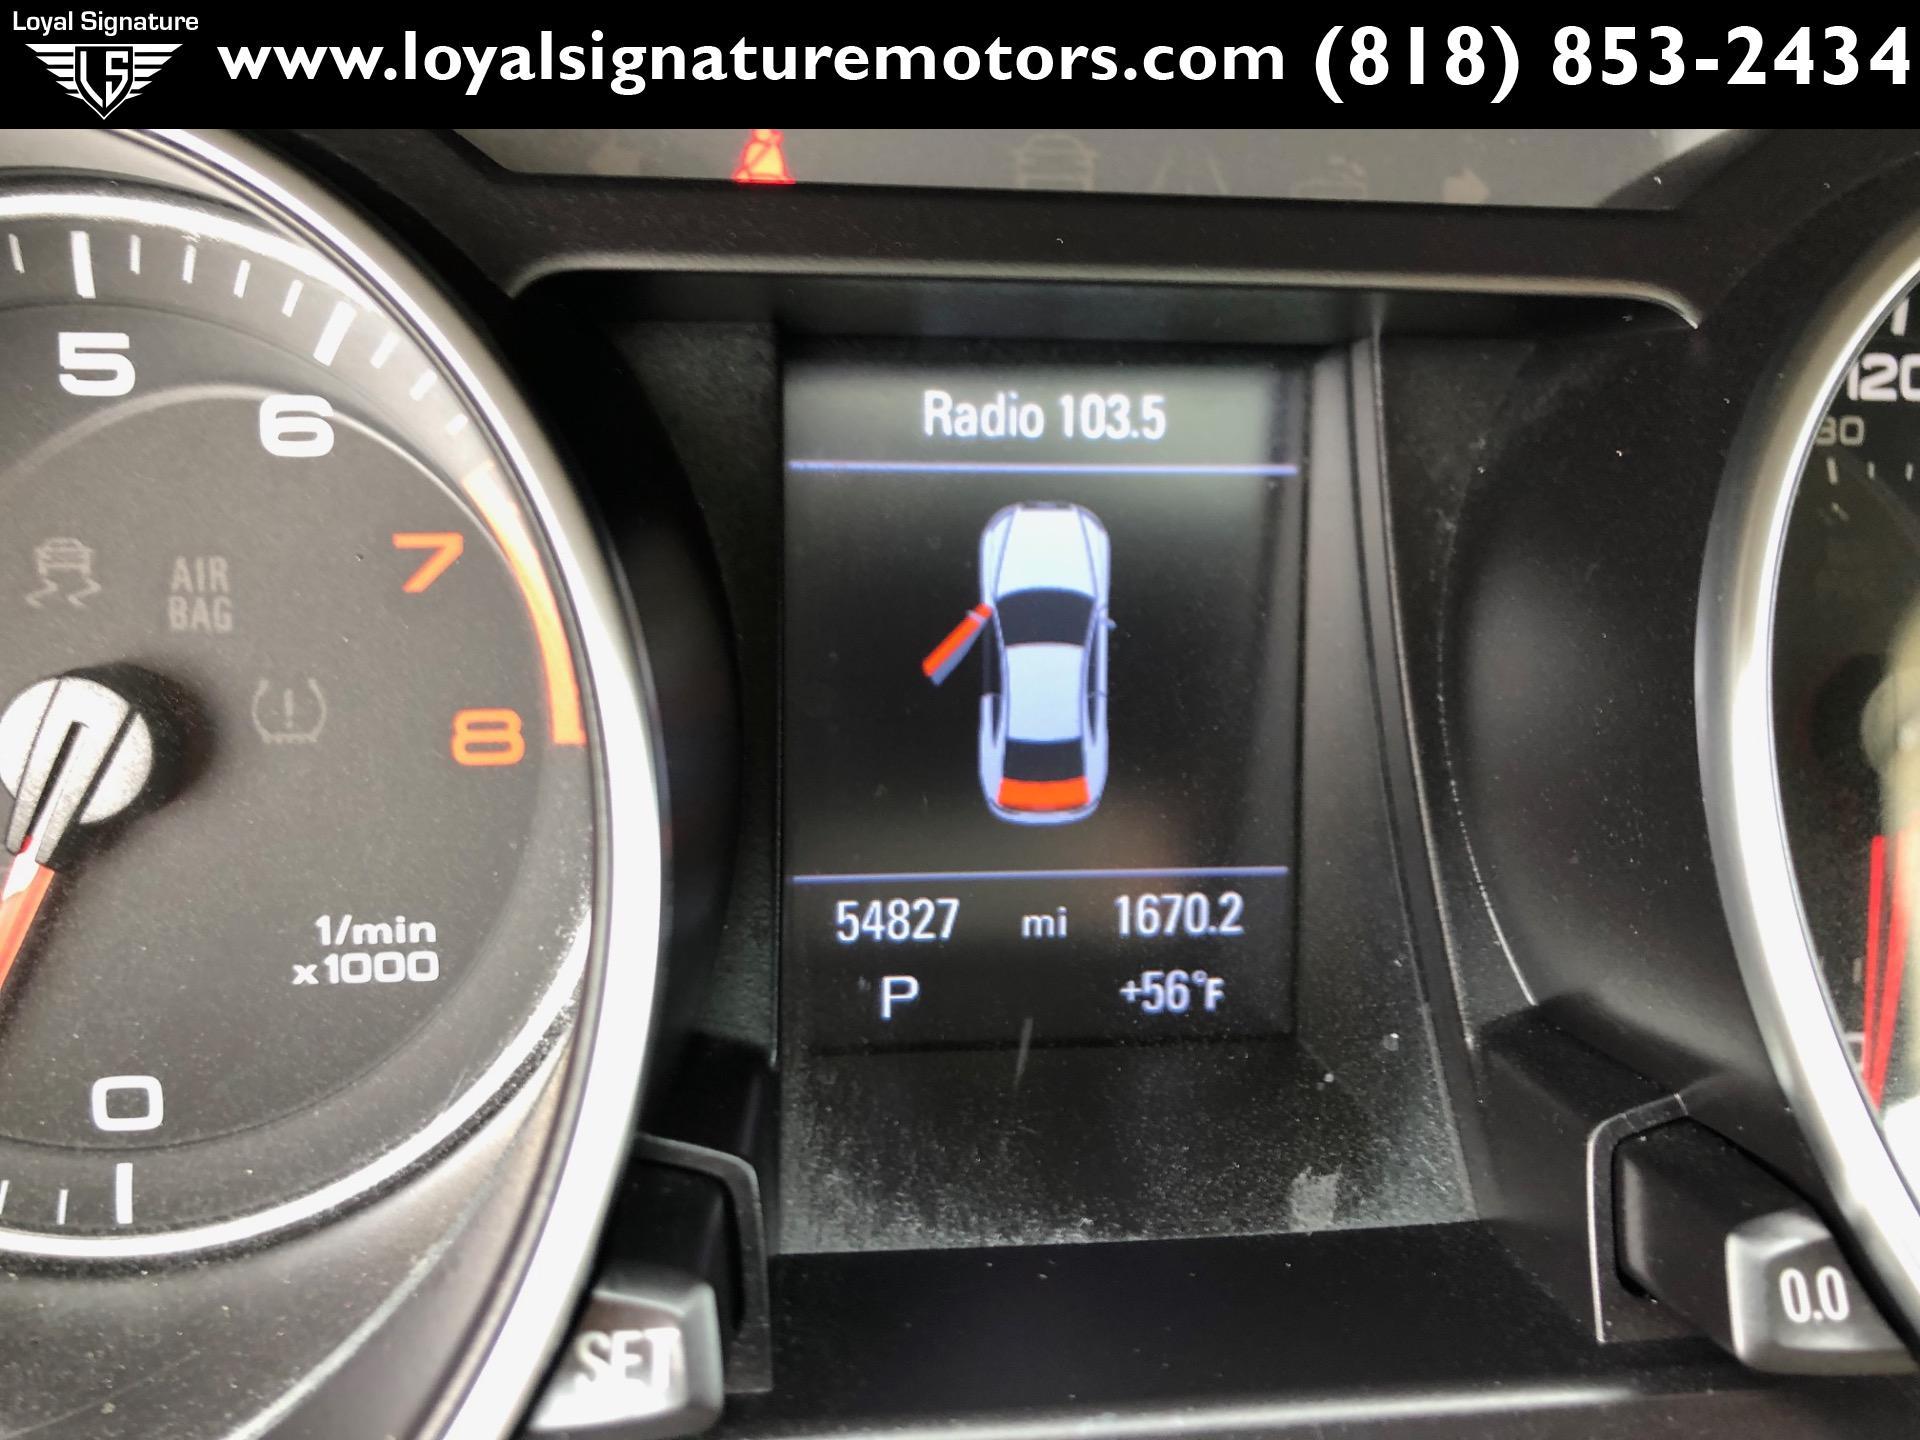 Used-2009-Audi-A5-quattro